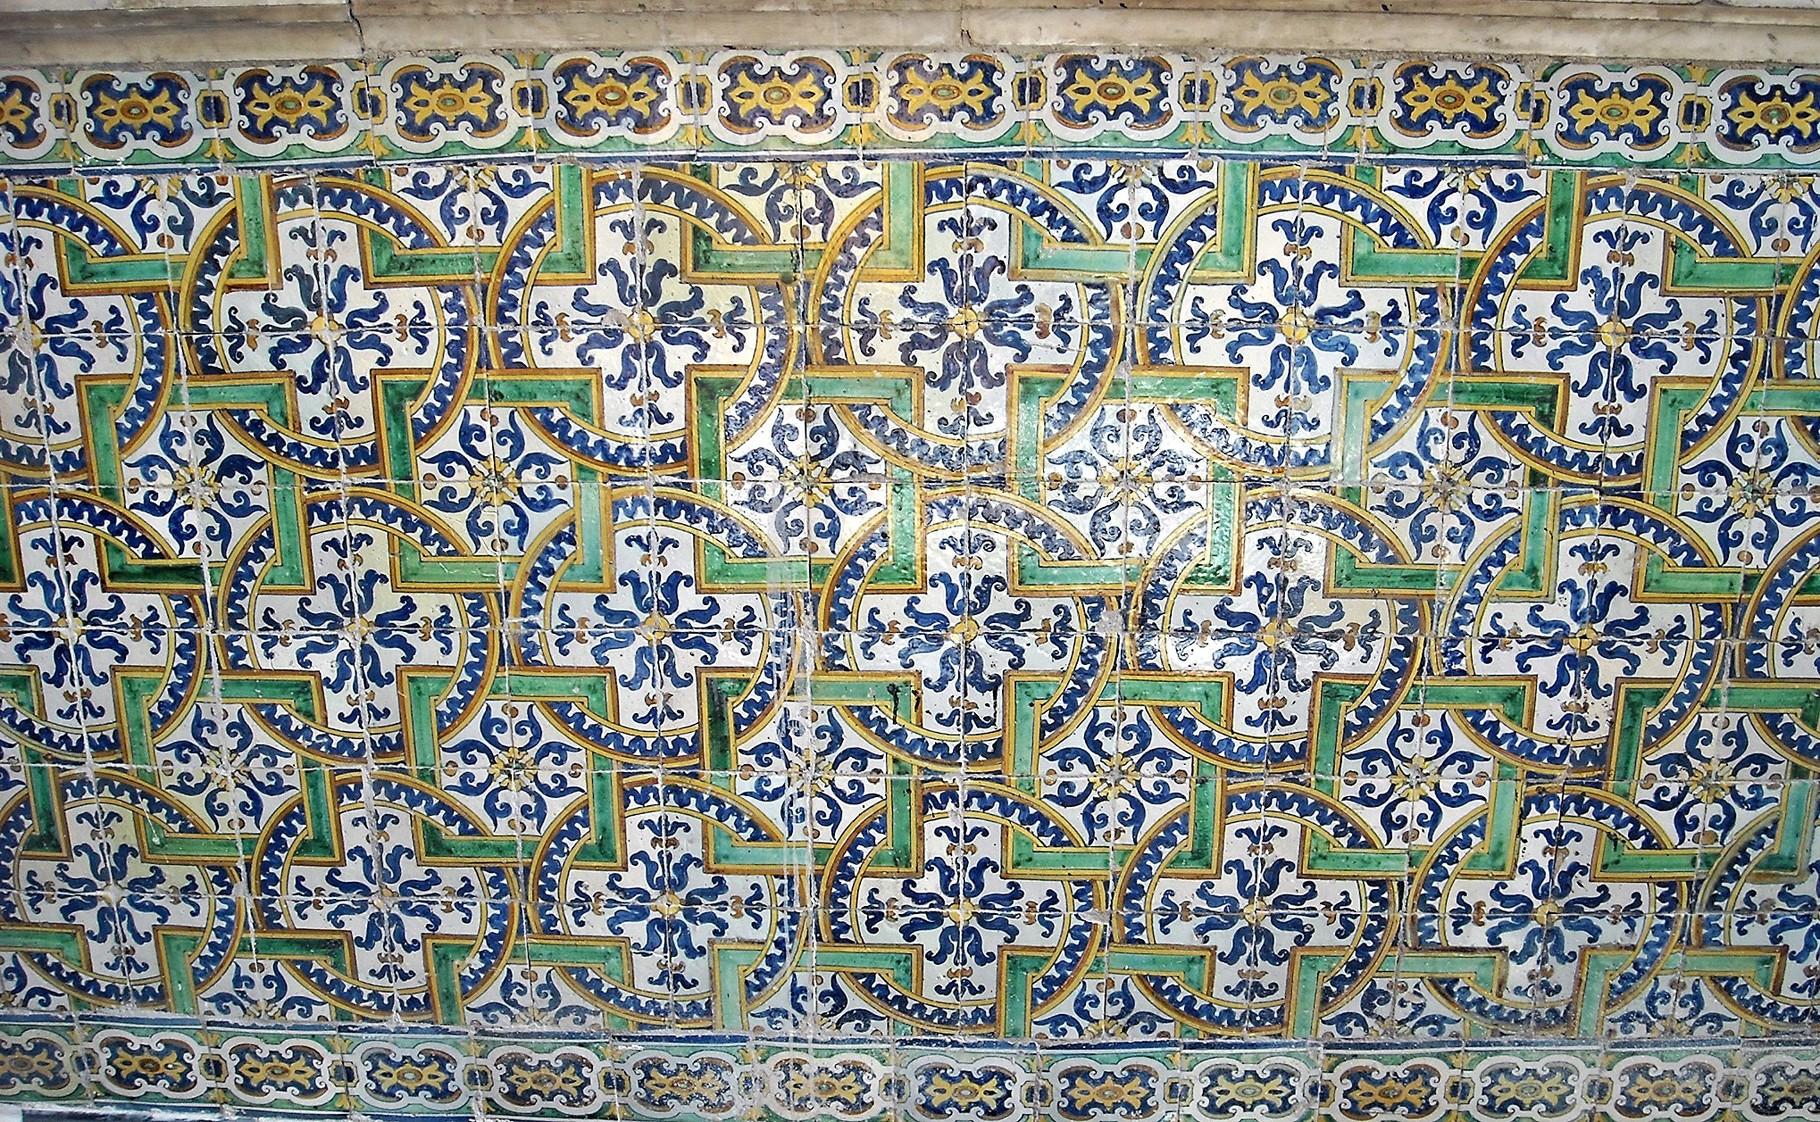 Particolare del basamento a maiolica dai colori brillanti, che corre lungo la parete della Cappella (XVII sec.)